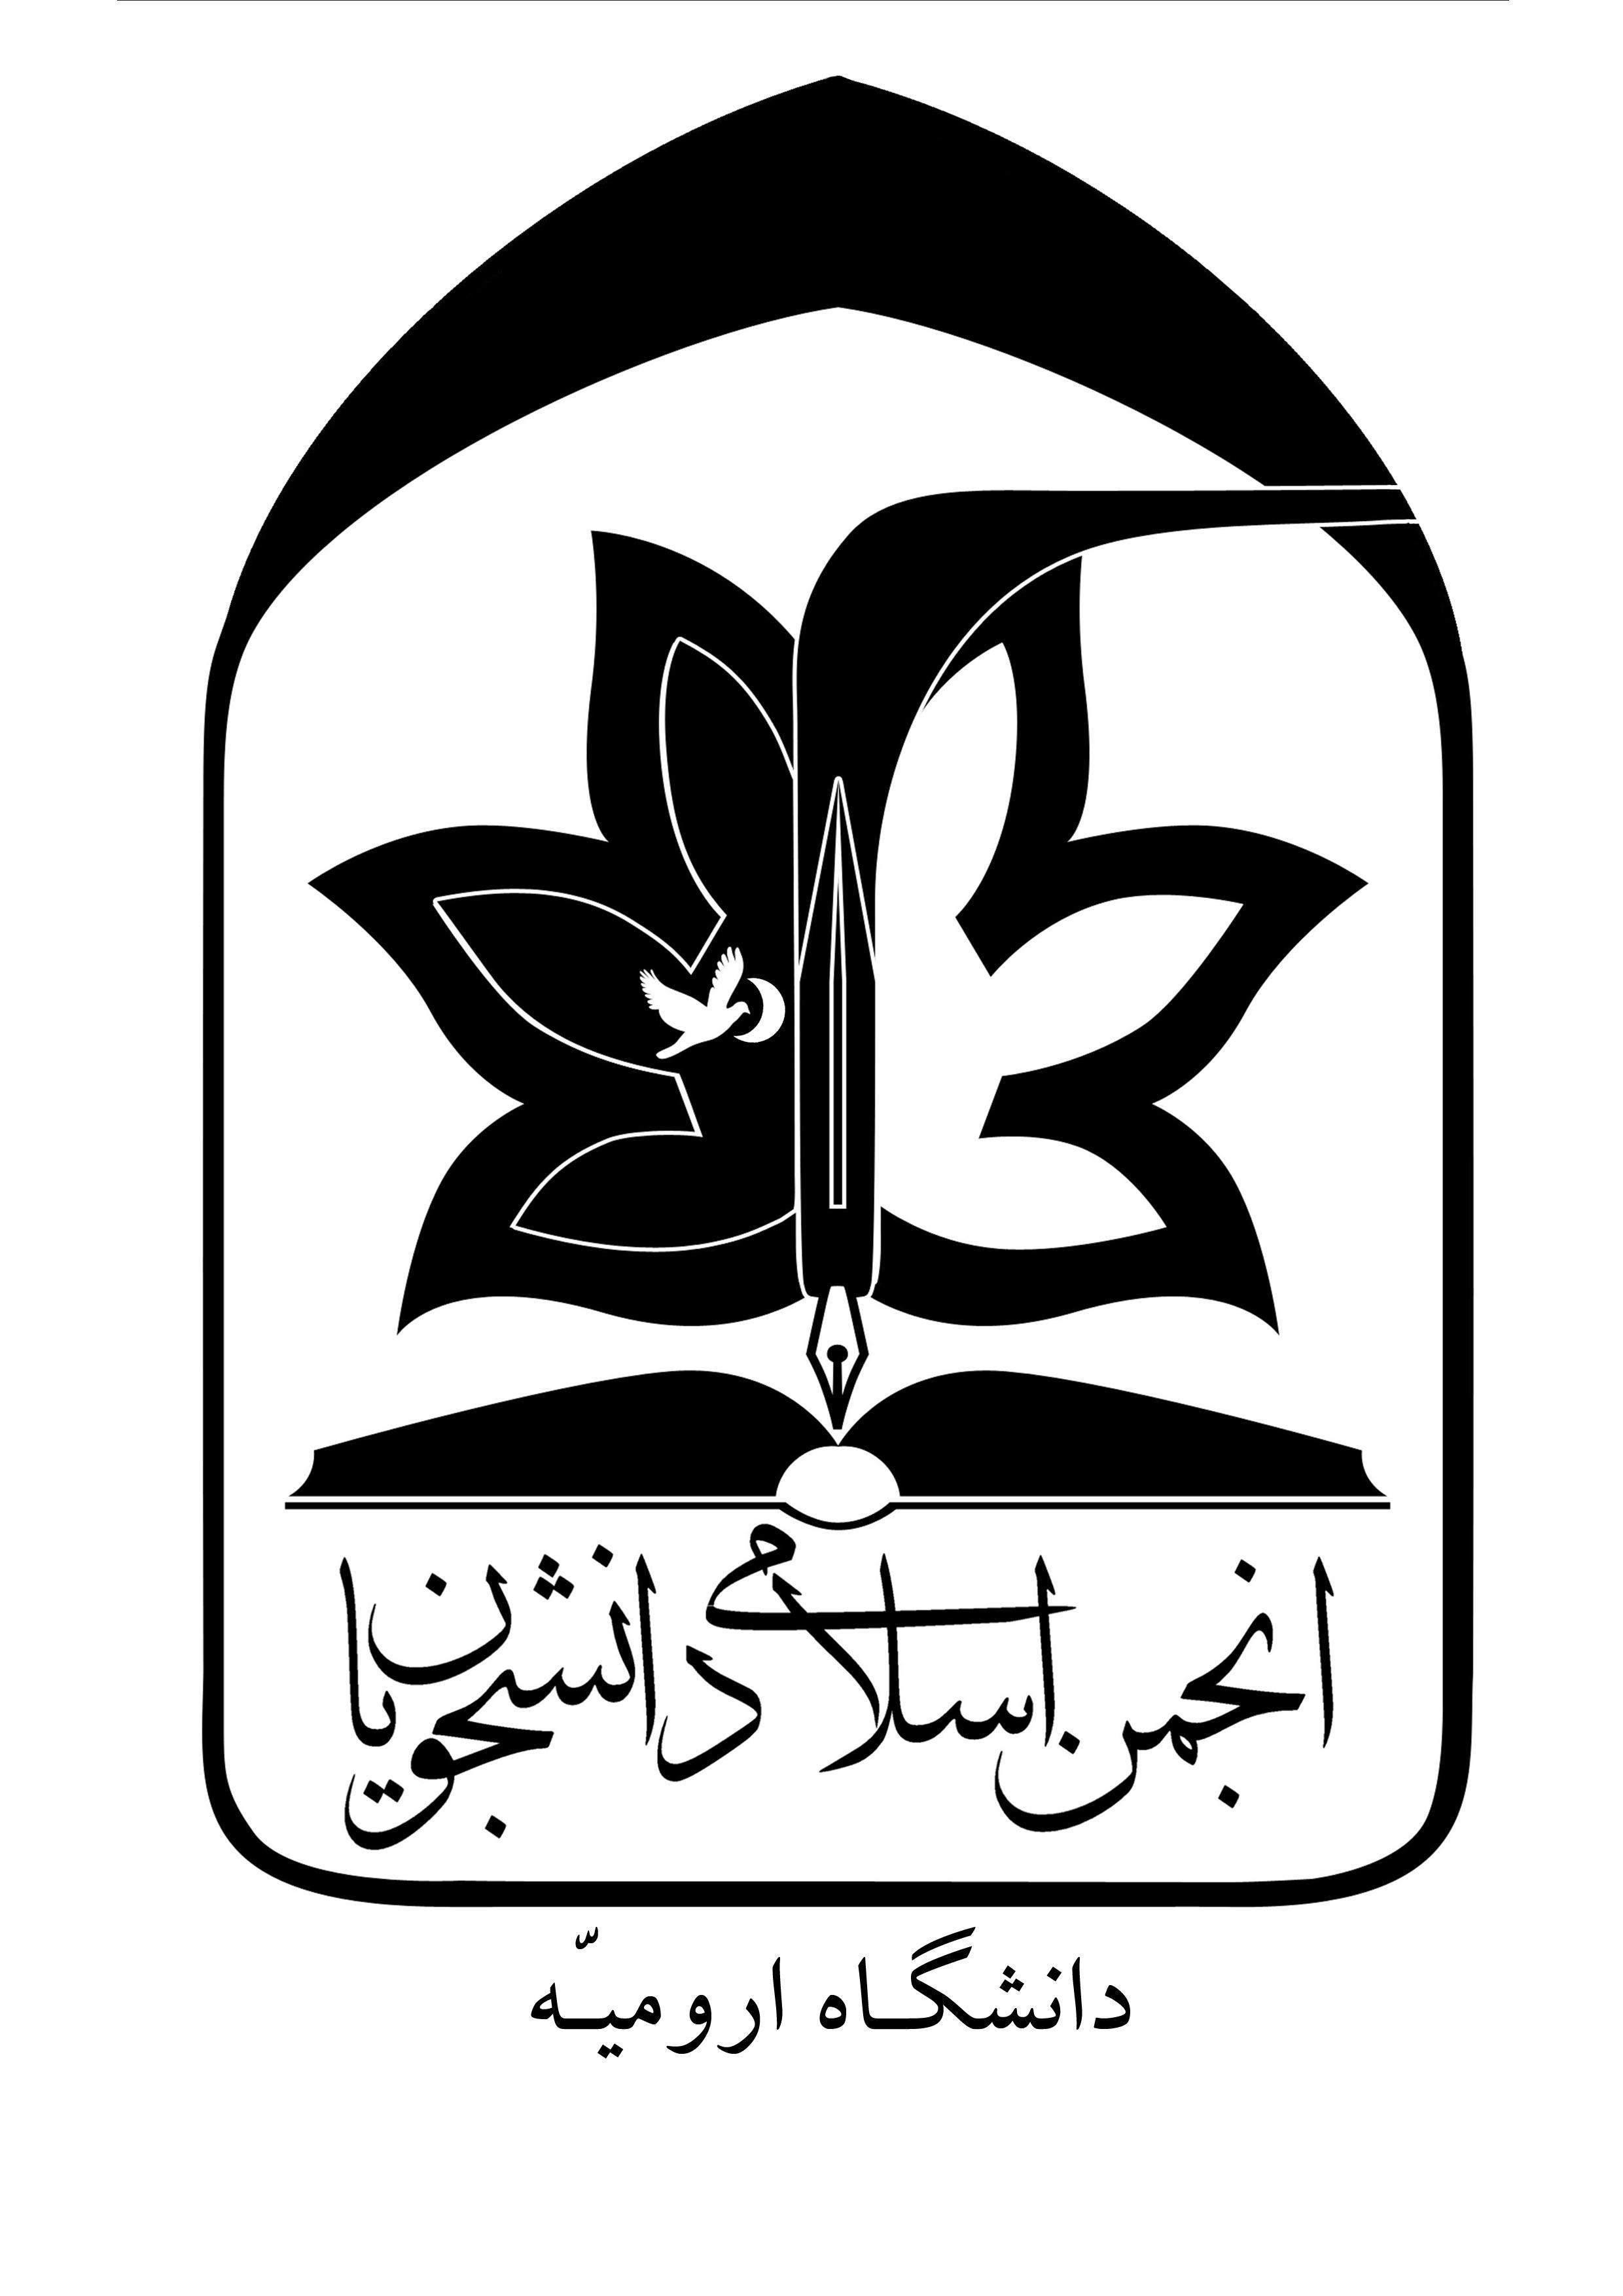 بیانیه انجمن اسلامی دانشجویان دانشگاه ارومیه در پی شهادت سردار رشید اسلام حاج قاسم سلیمانی